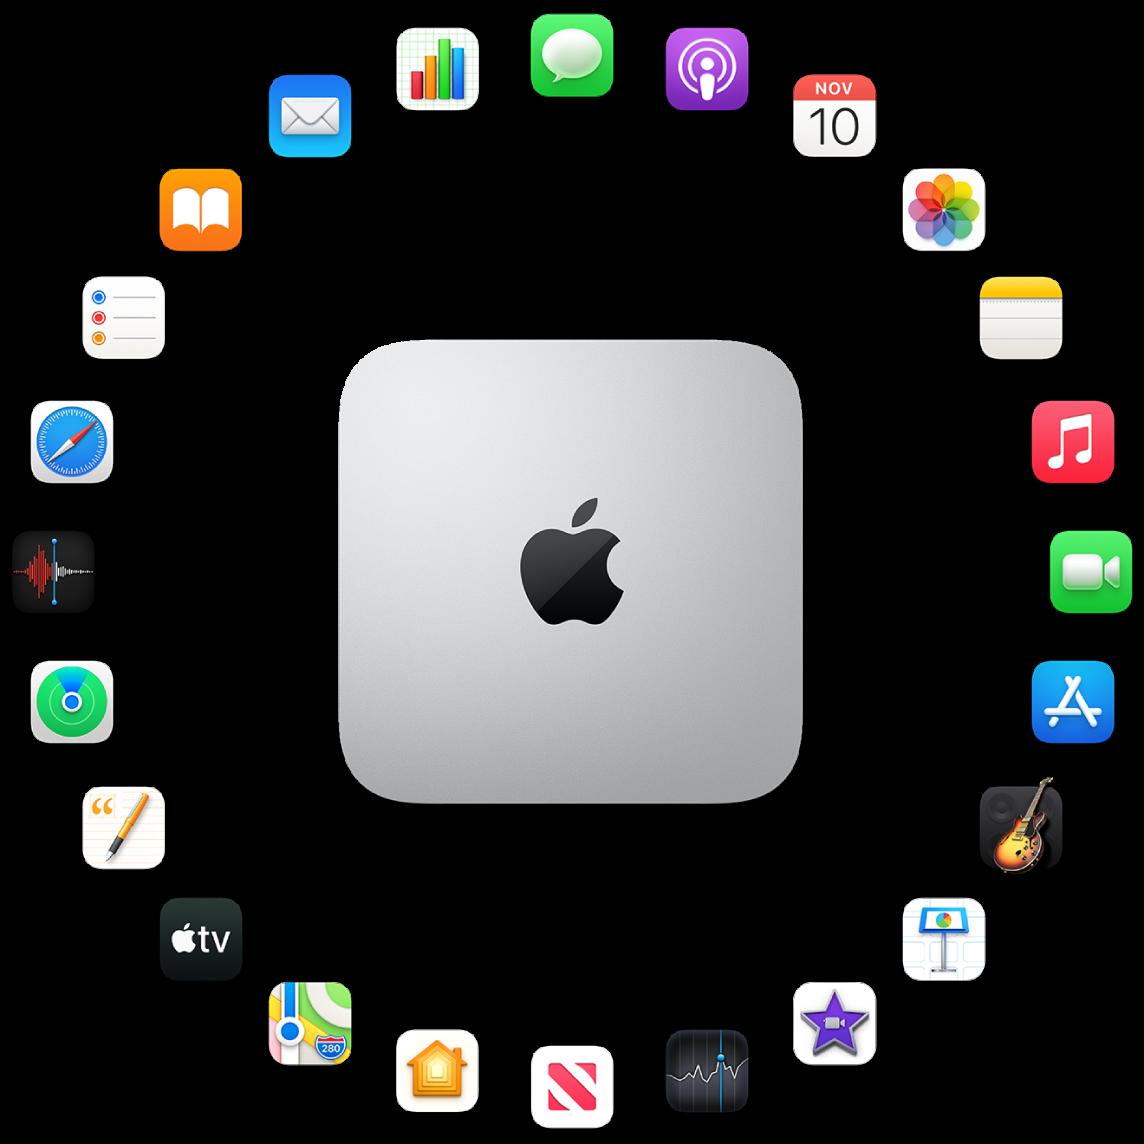 Macmini otoczony ikonami dołączonych do niego aplikacji, opisanych wkolejnych sekcjach.